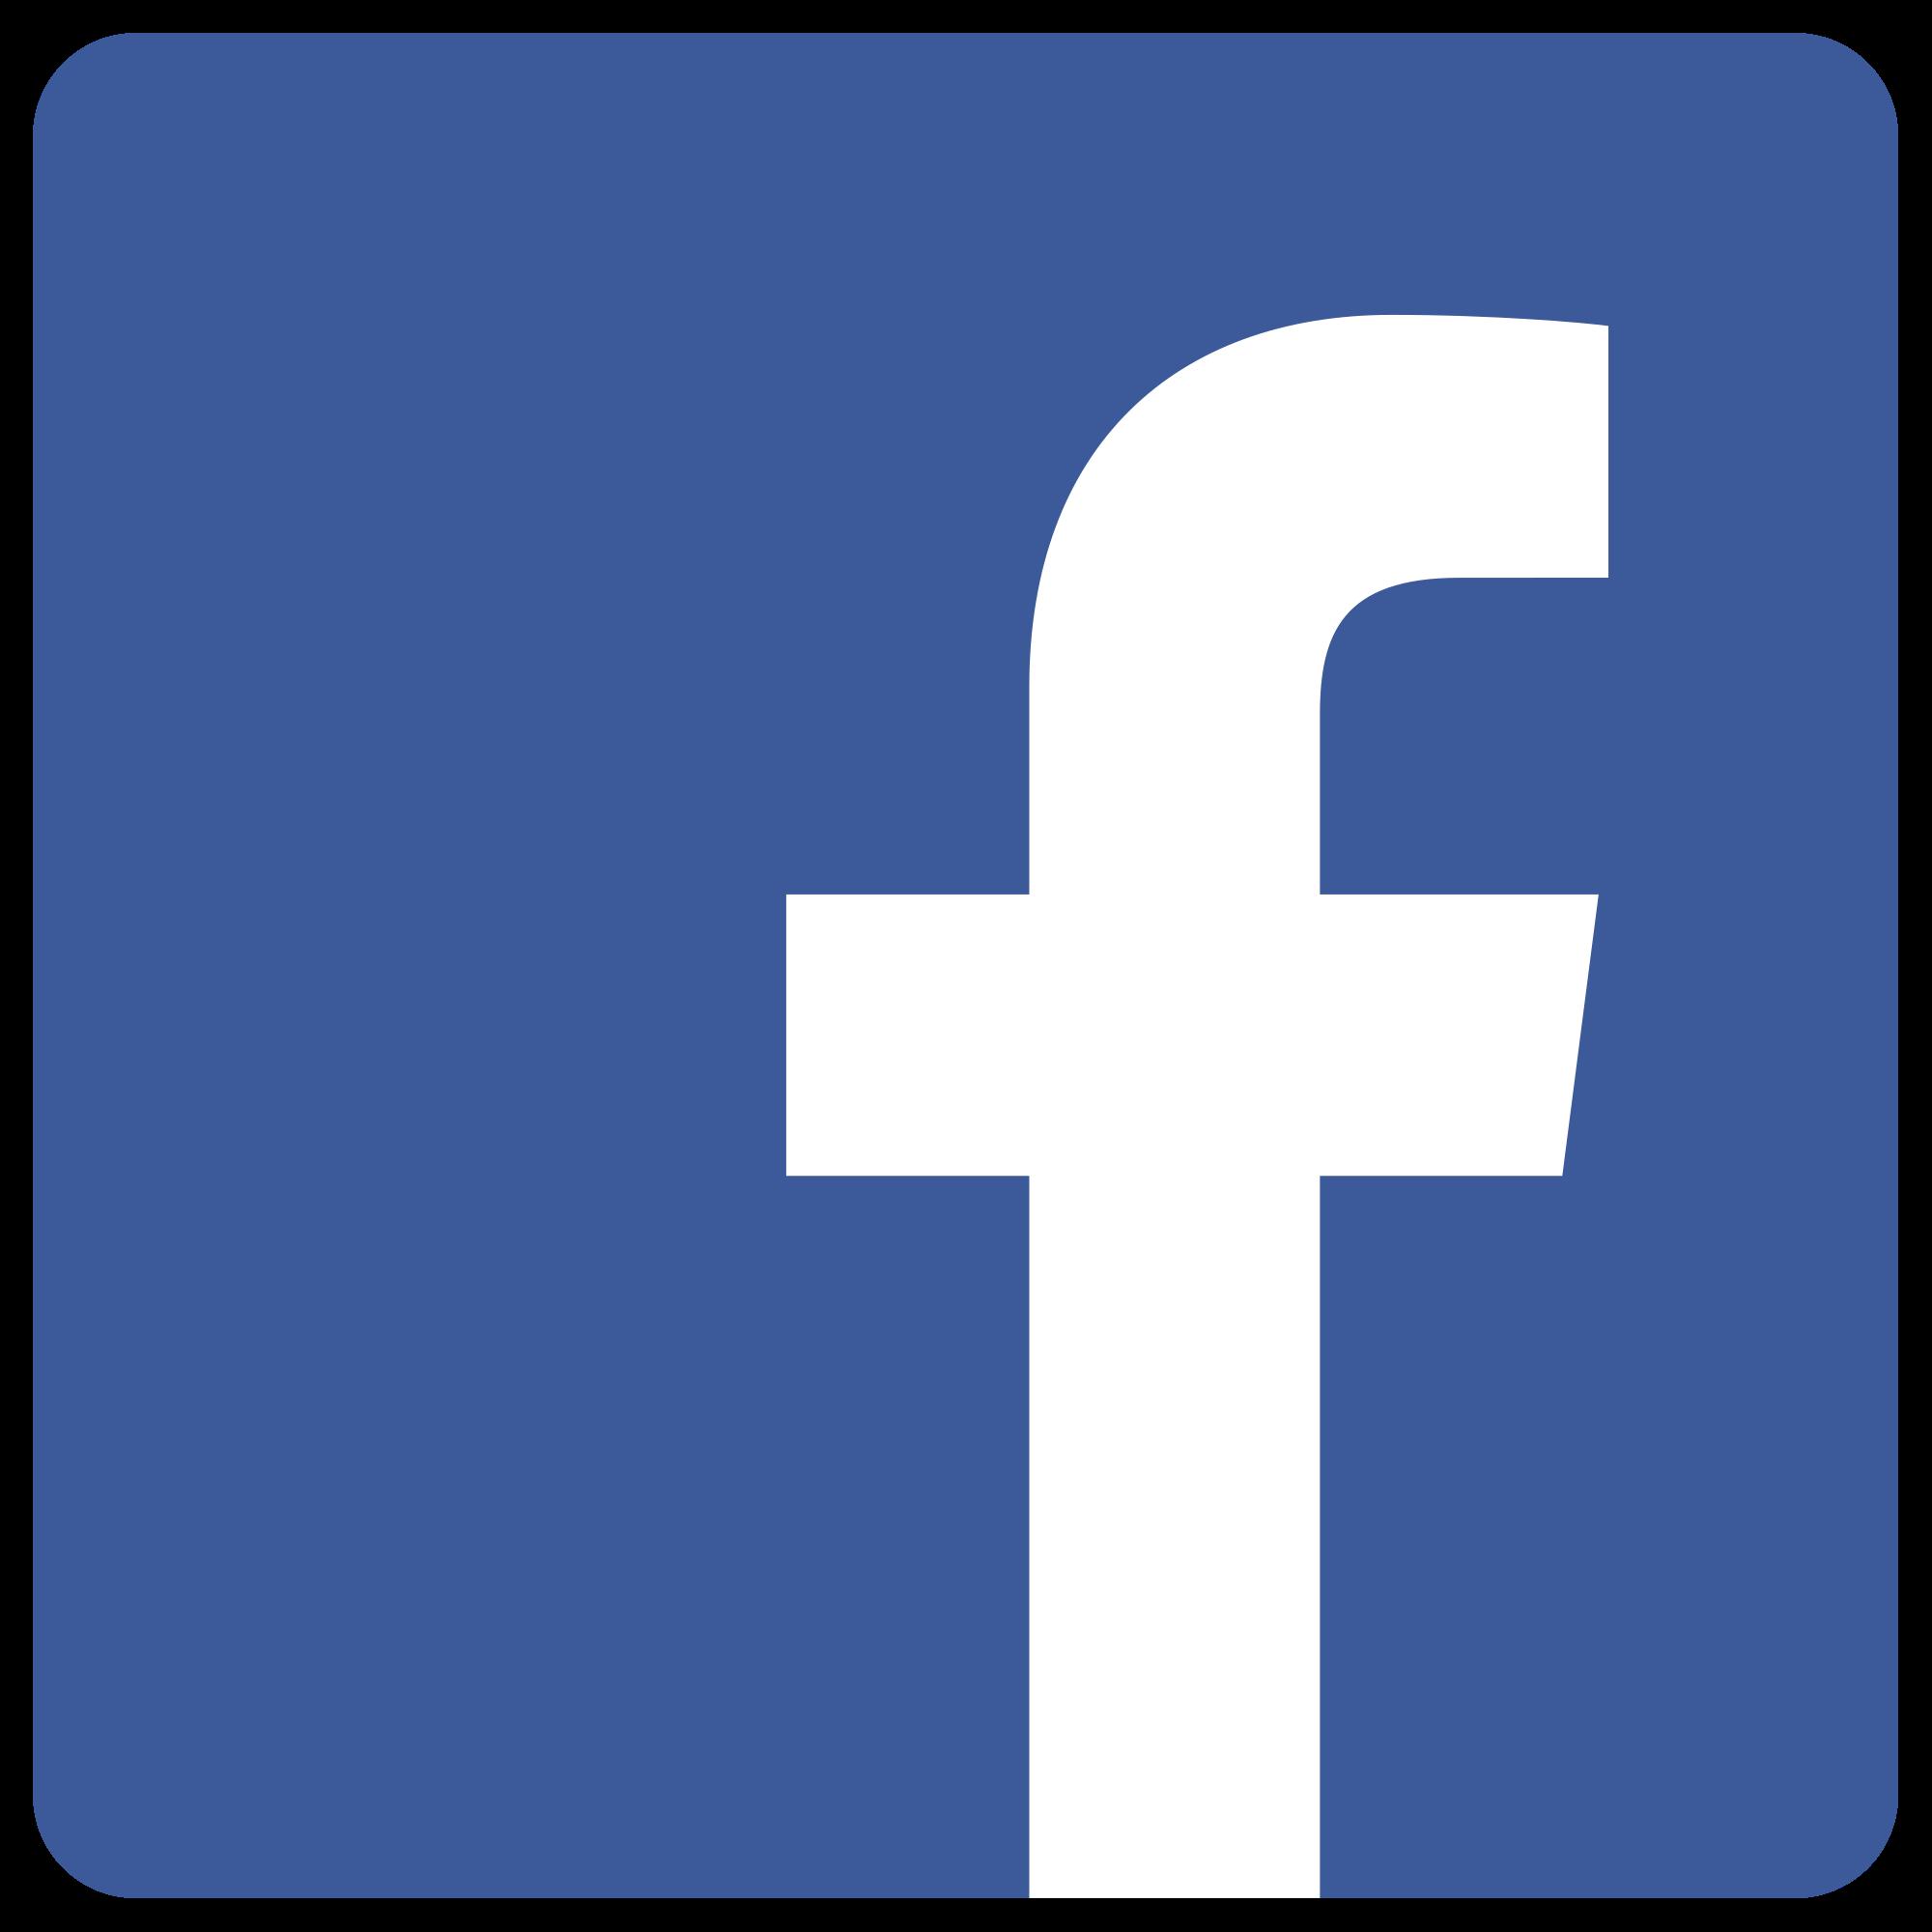 Facebook Icon - Lola Design Studio